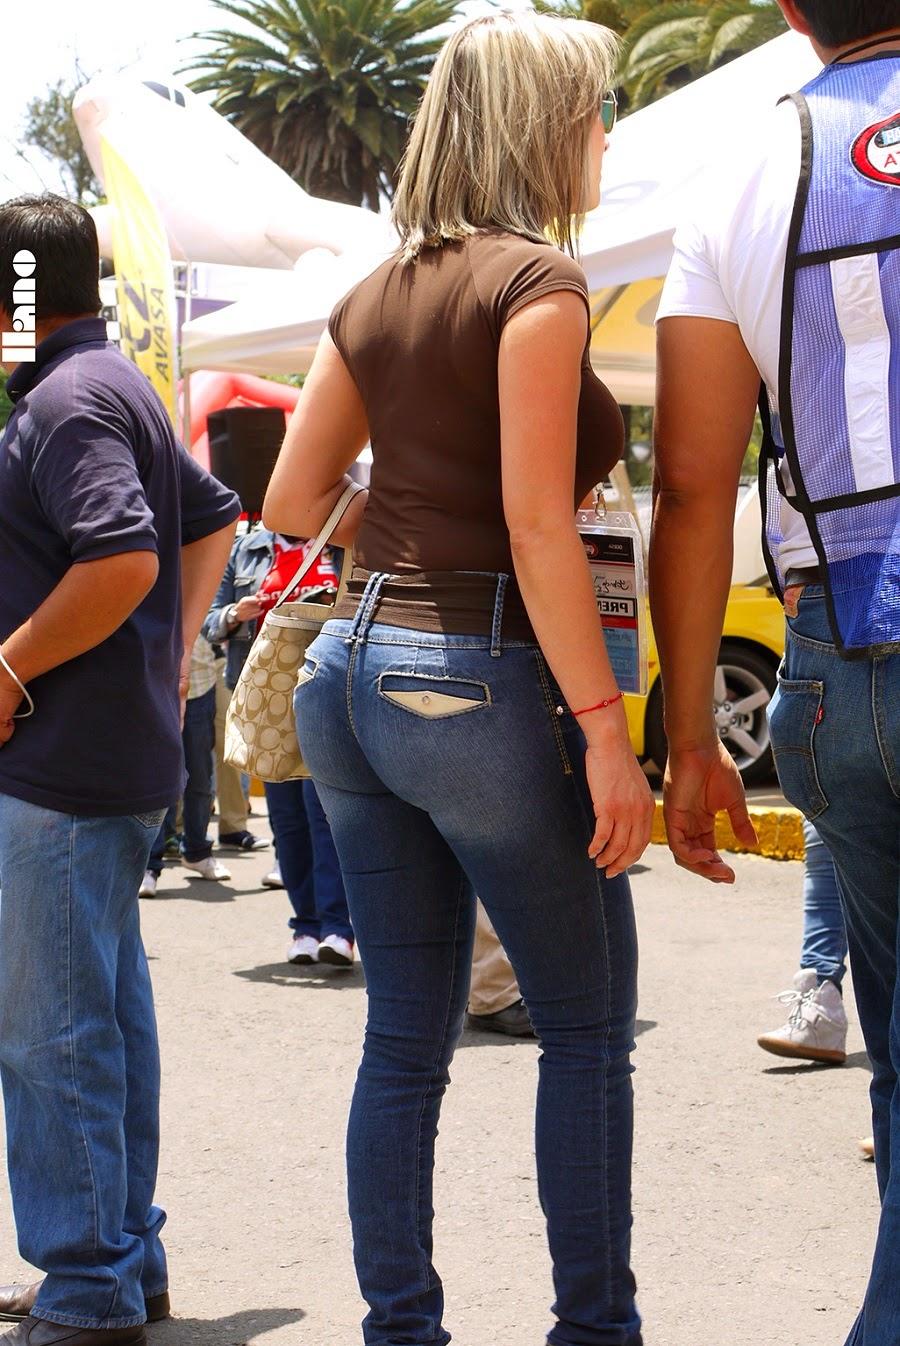 Videos de corridas de mujeres gratis